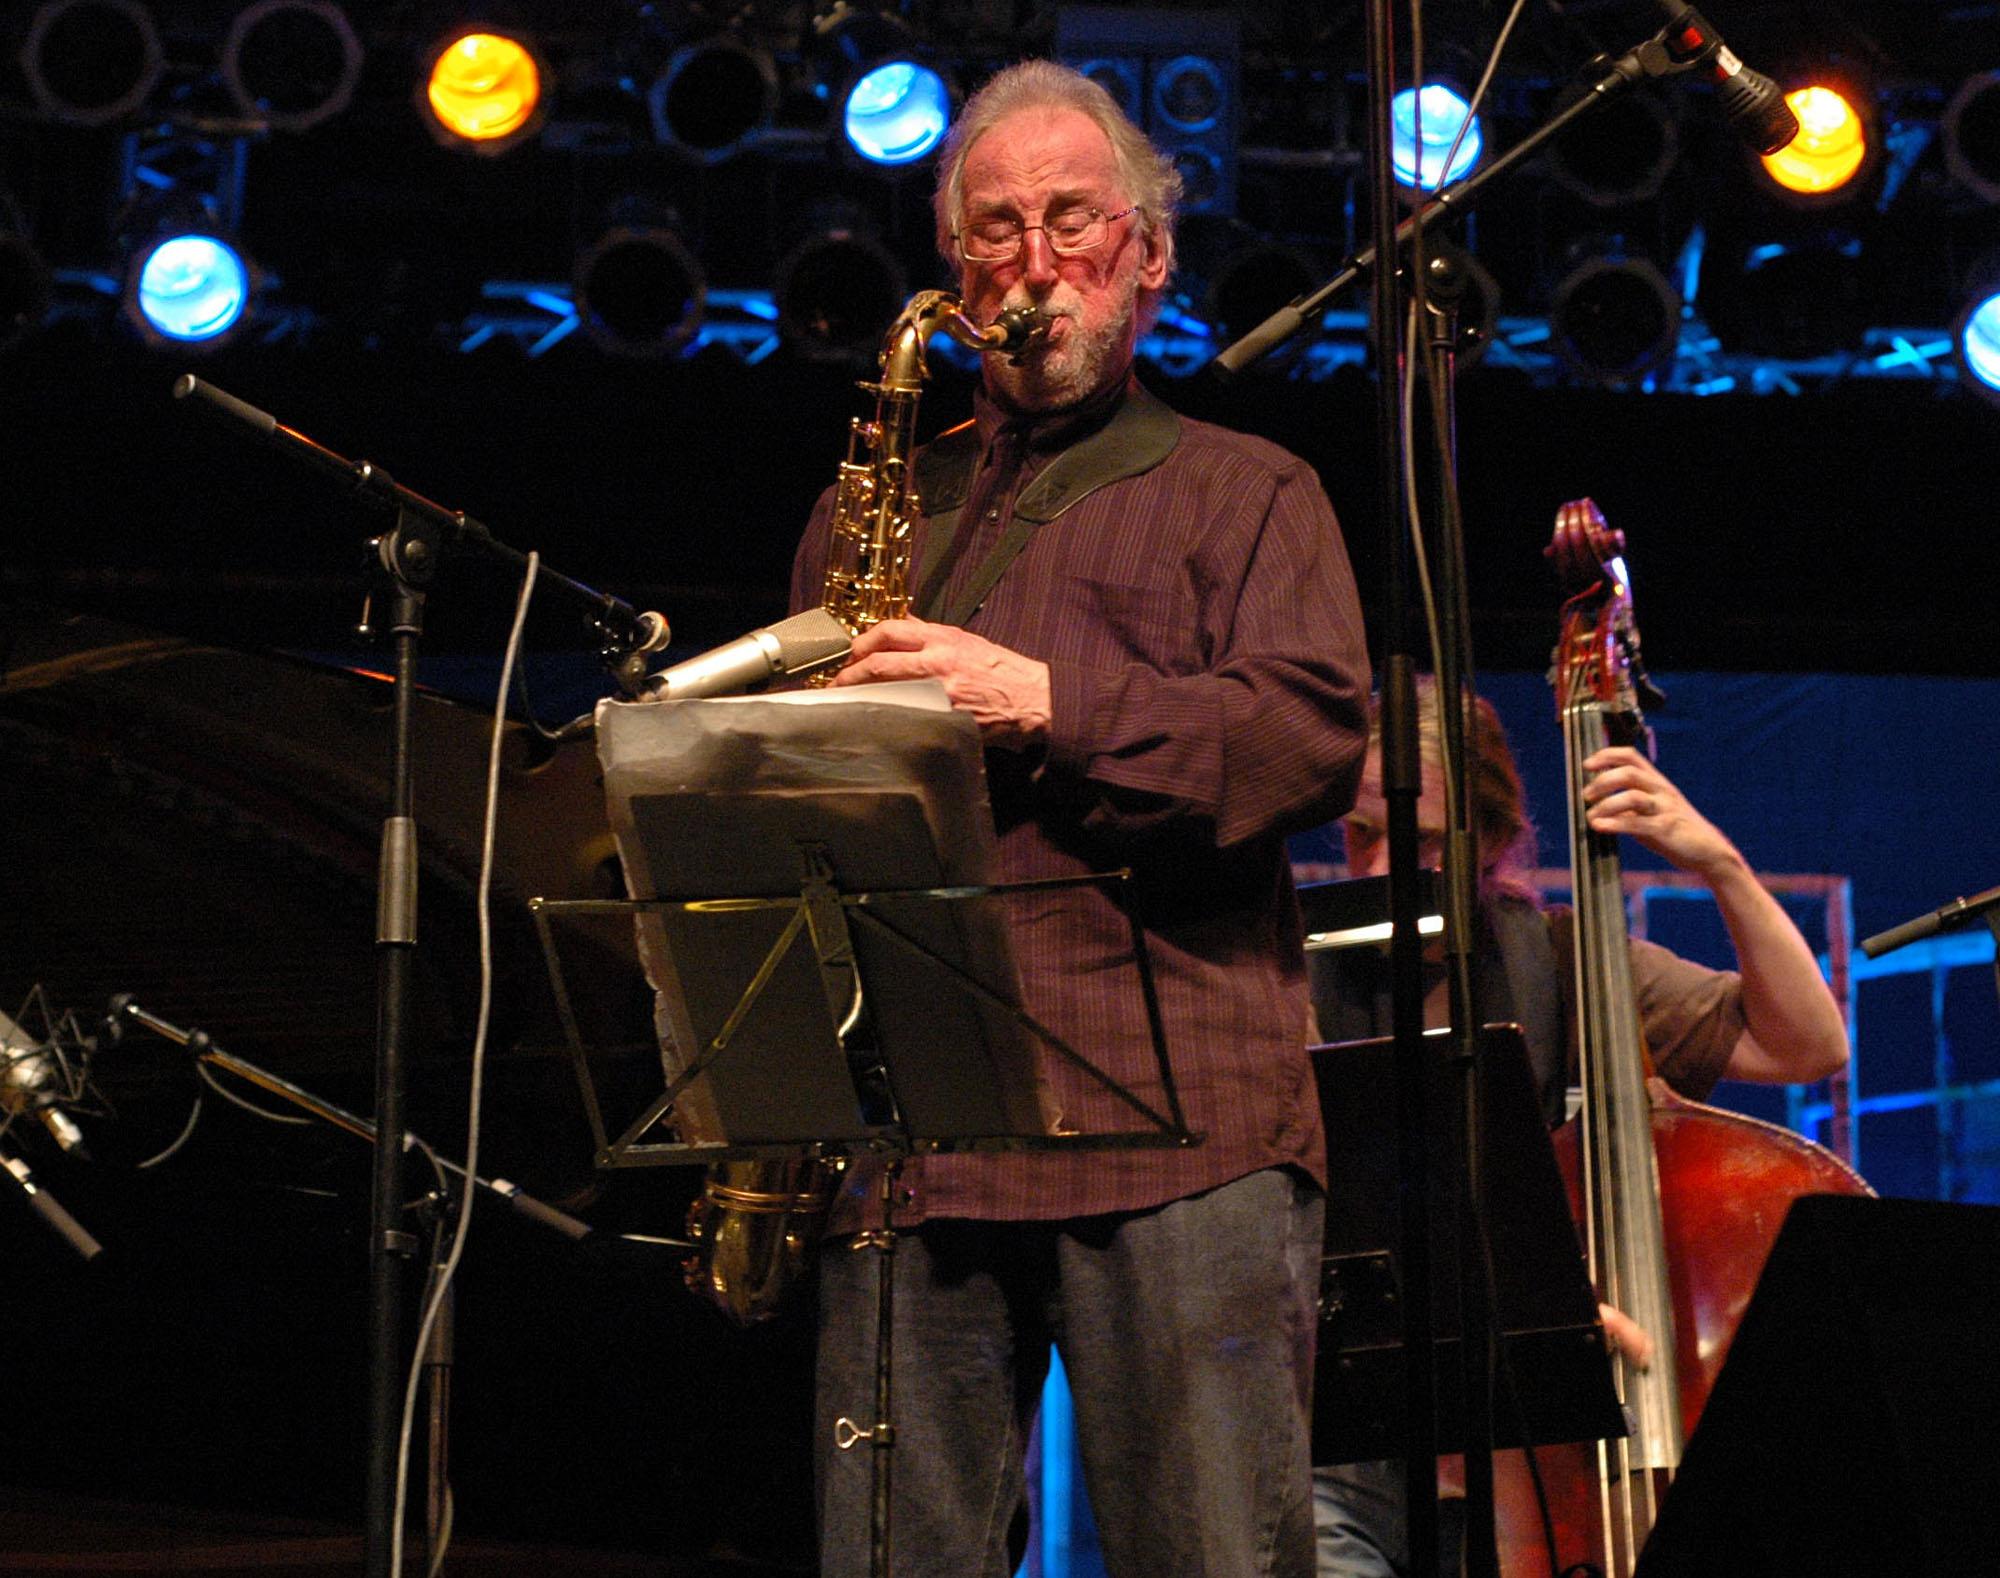 Juhani Aaltonen at 2010 Tampere Jazz Happening